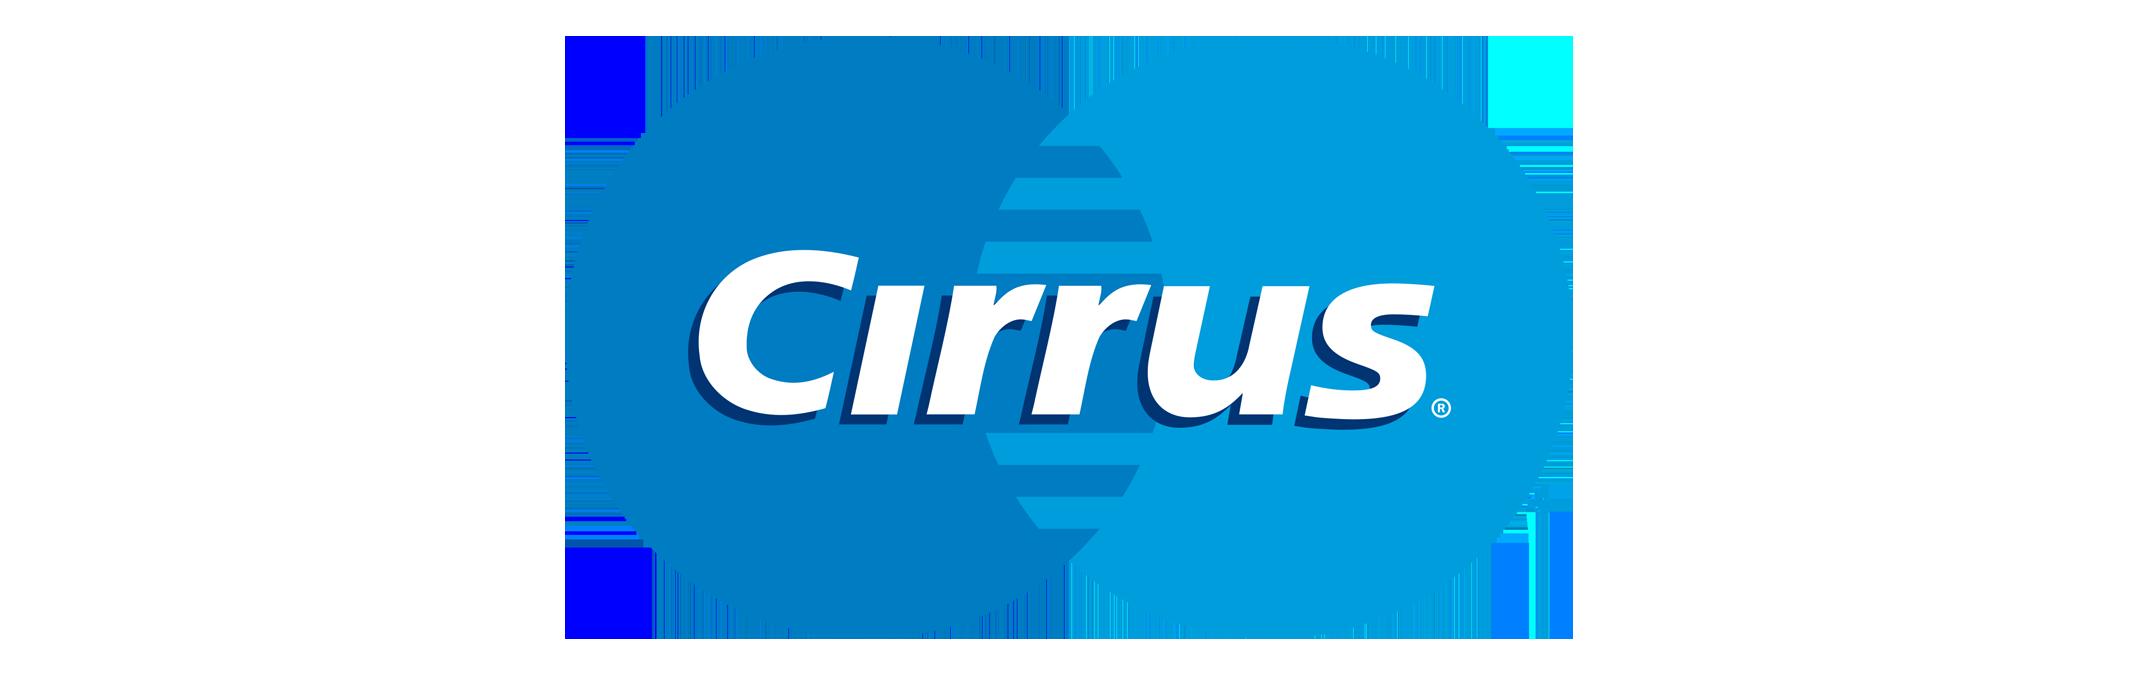 circus payment logo